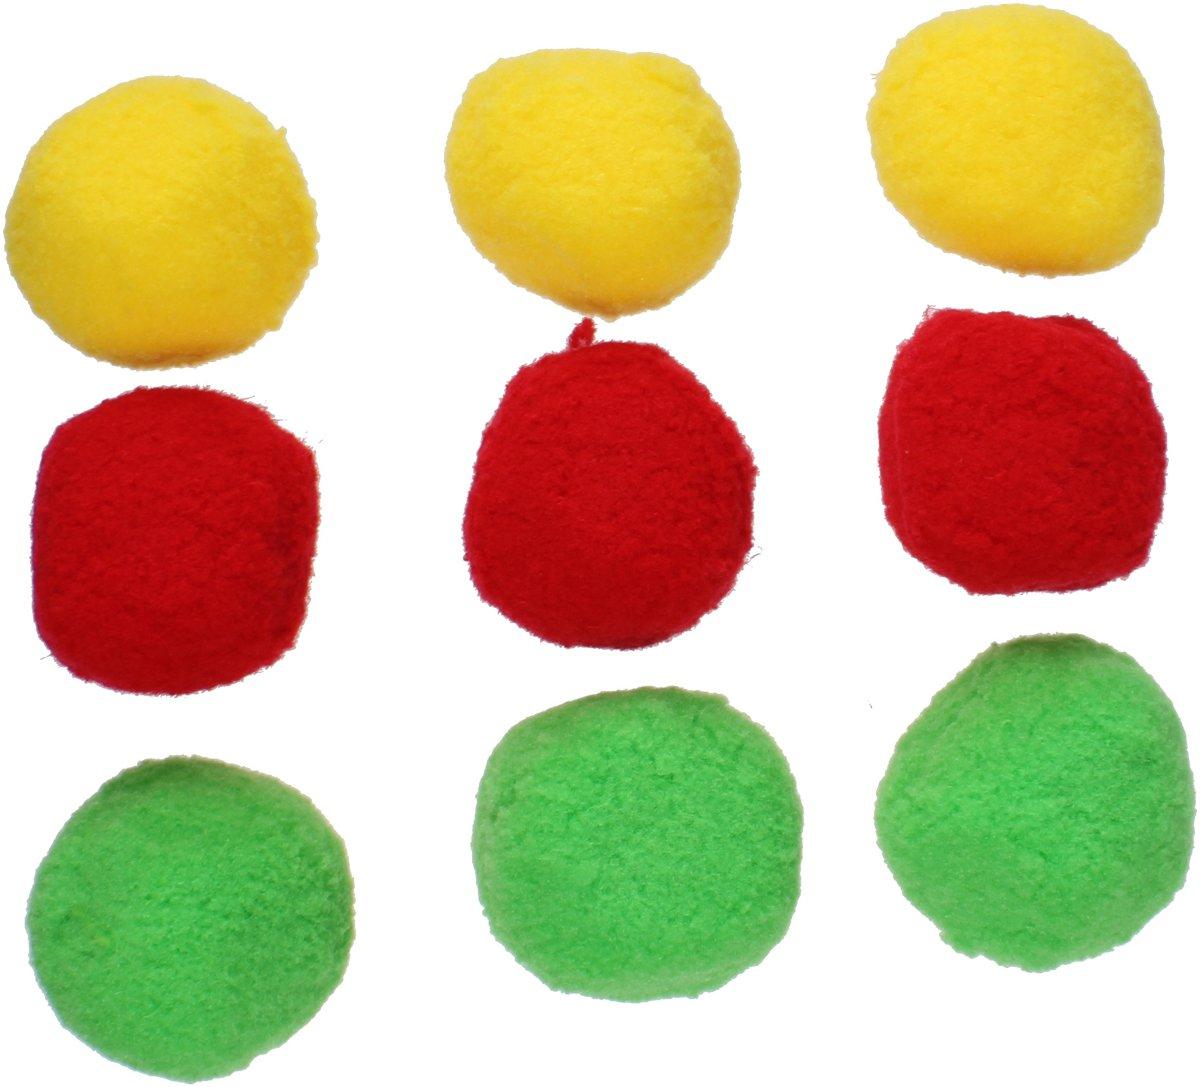 Waterzone Splashballen Blauw/groen/rood 9 Stuks